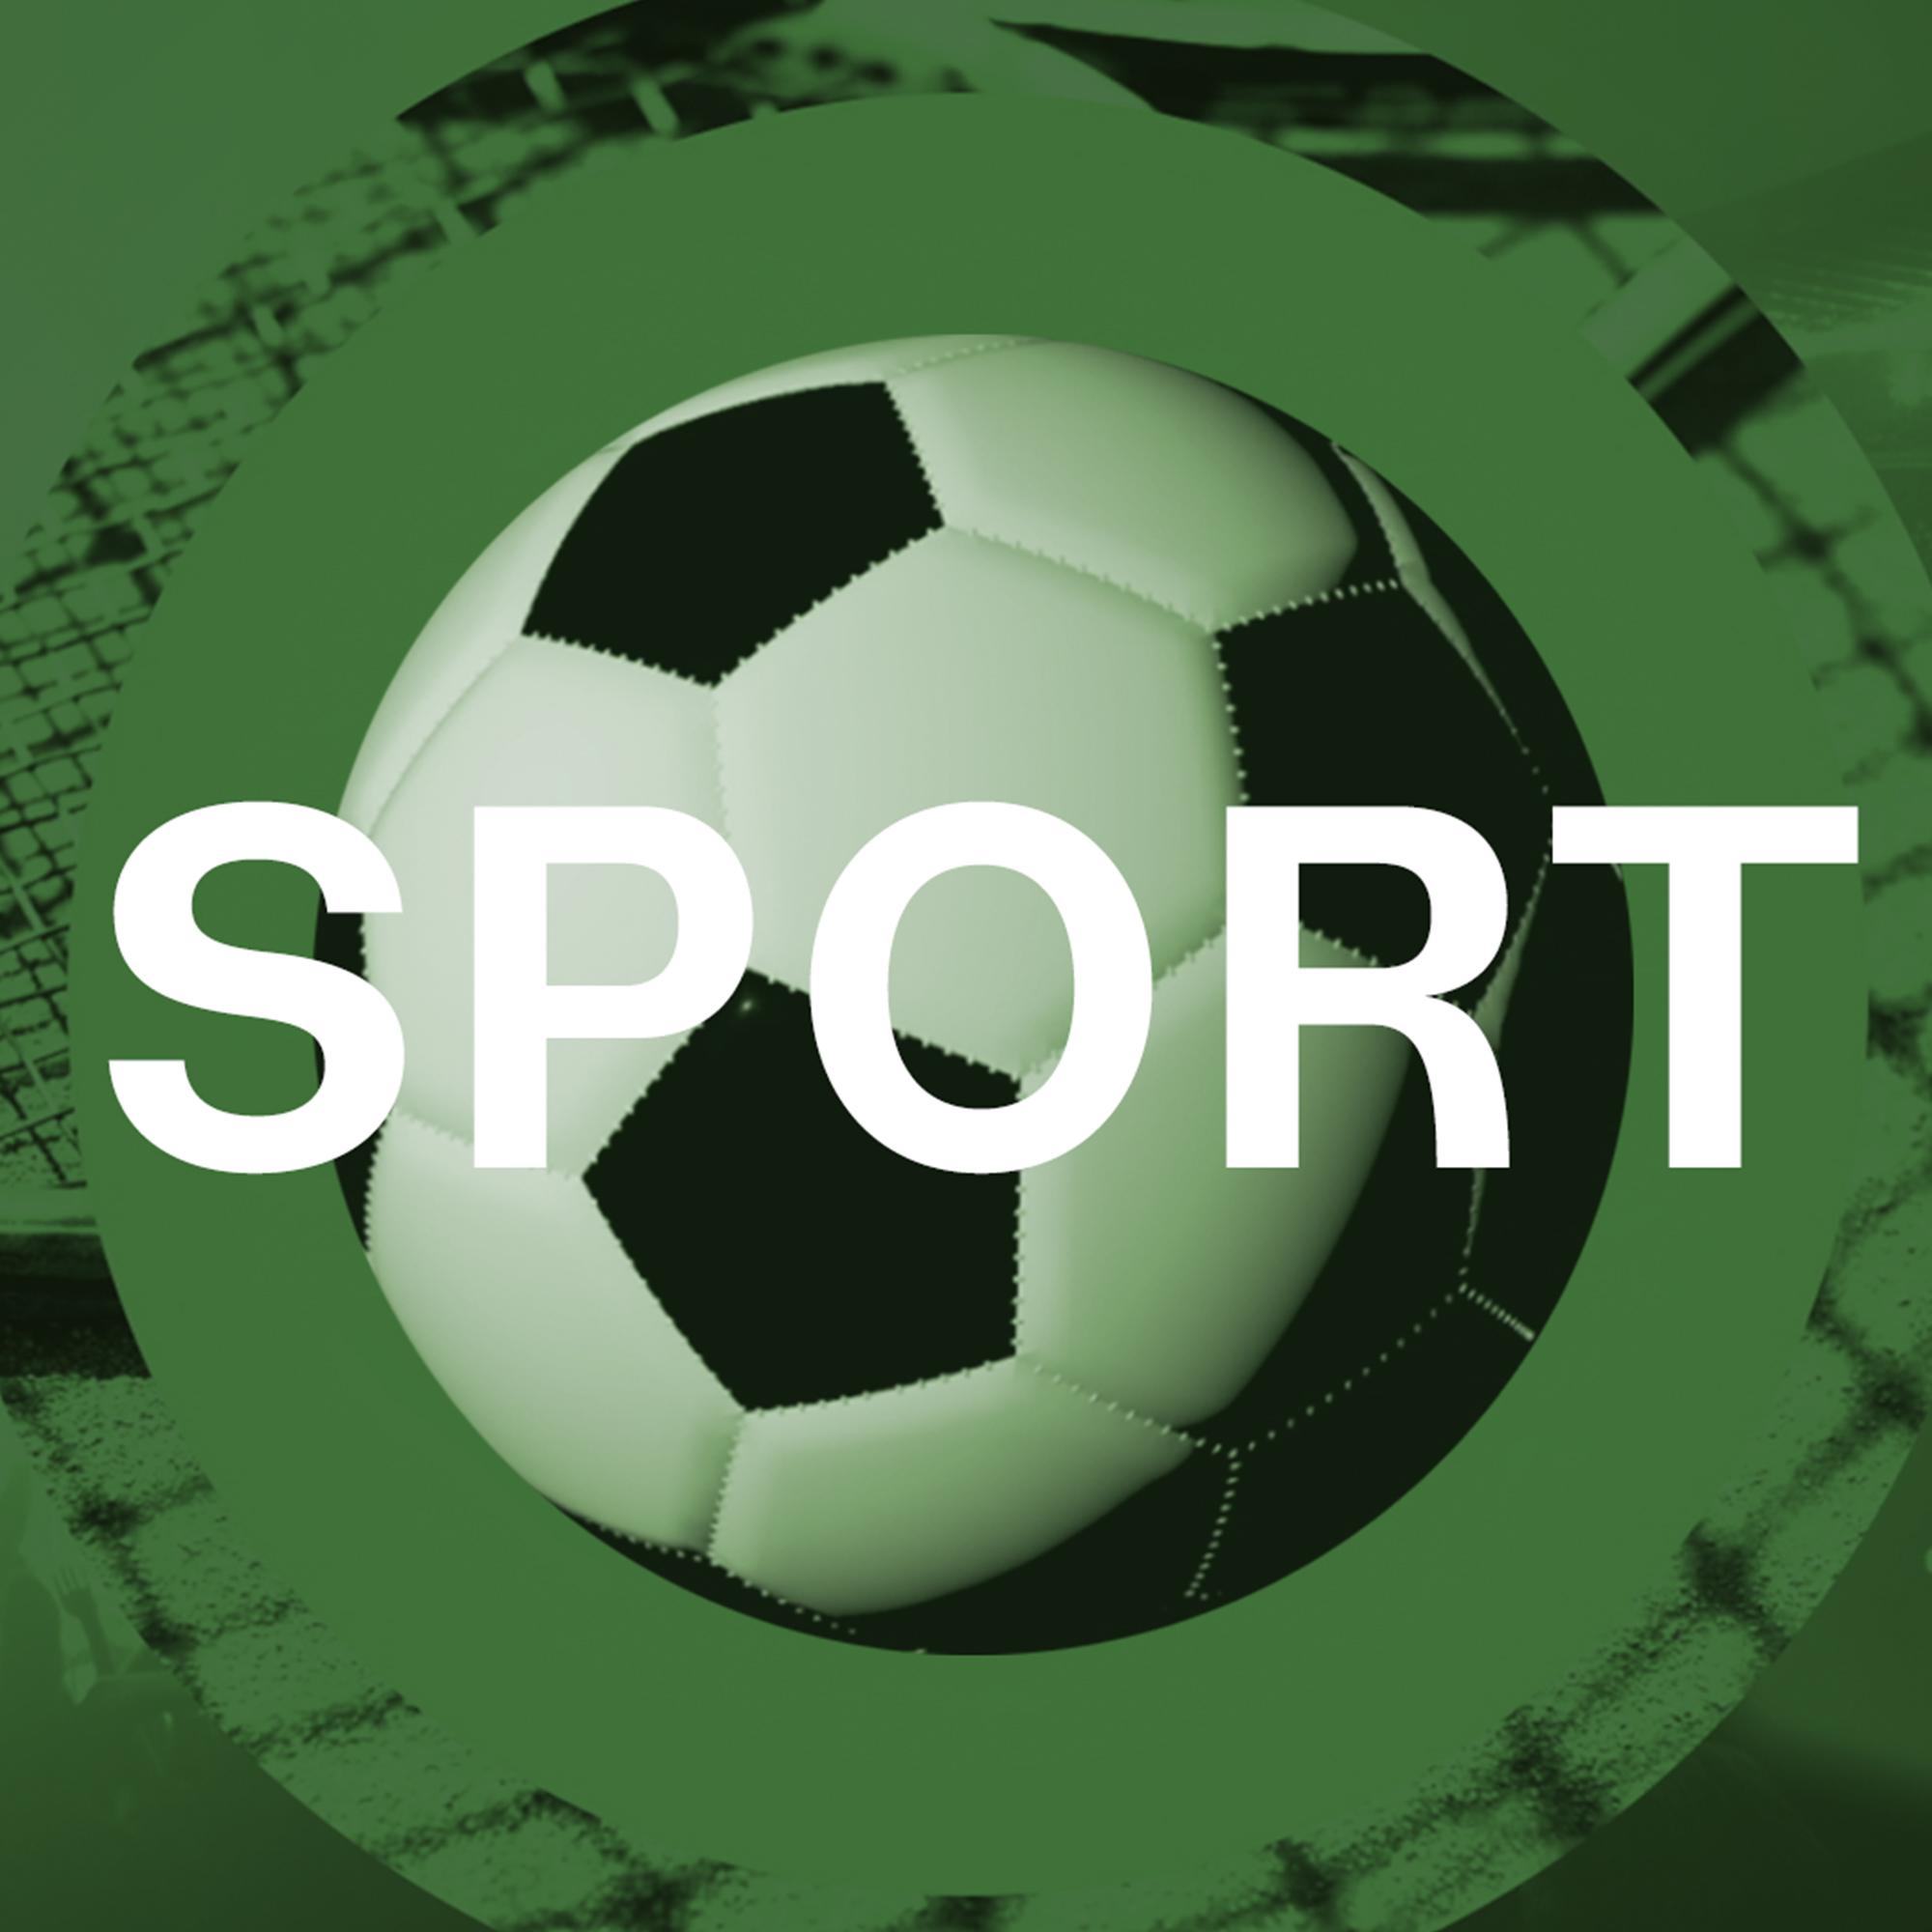 Sport Televizeseznam Cz